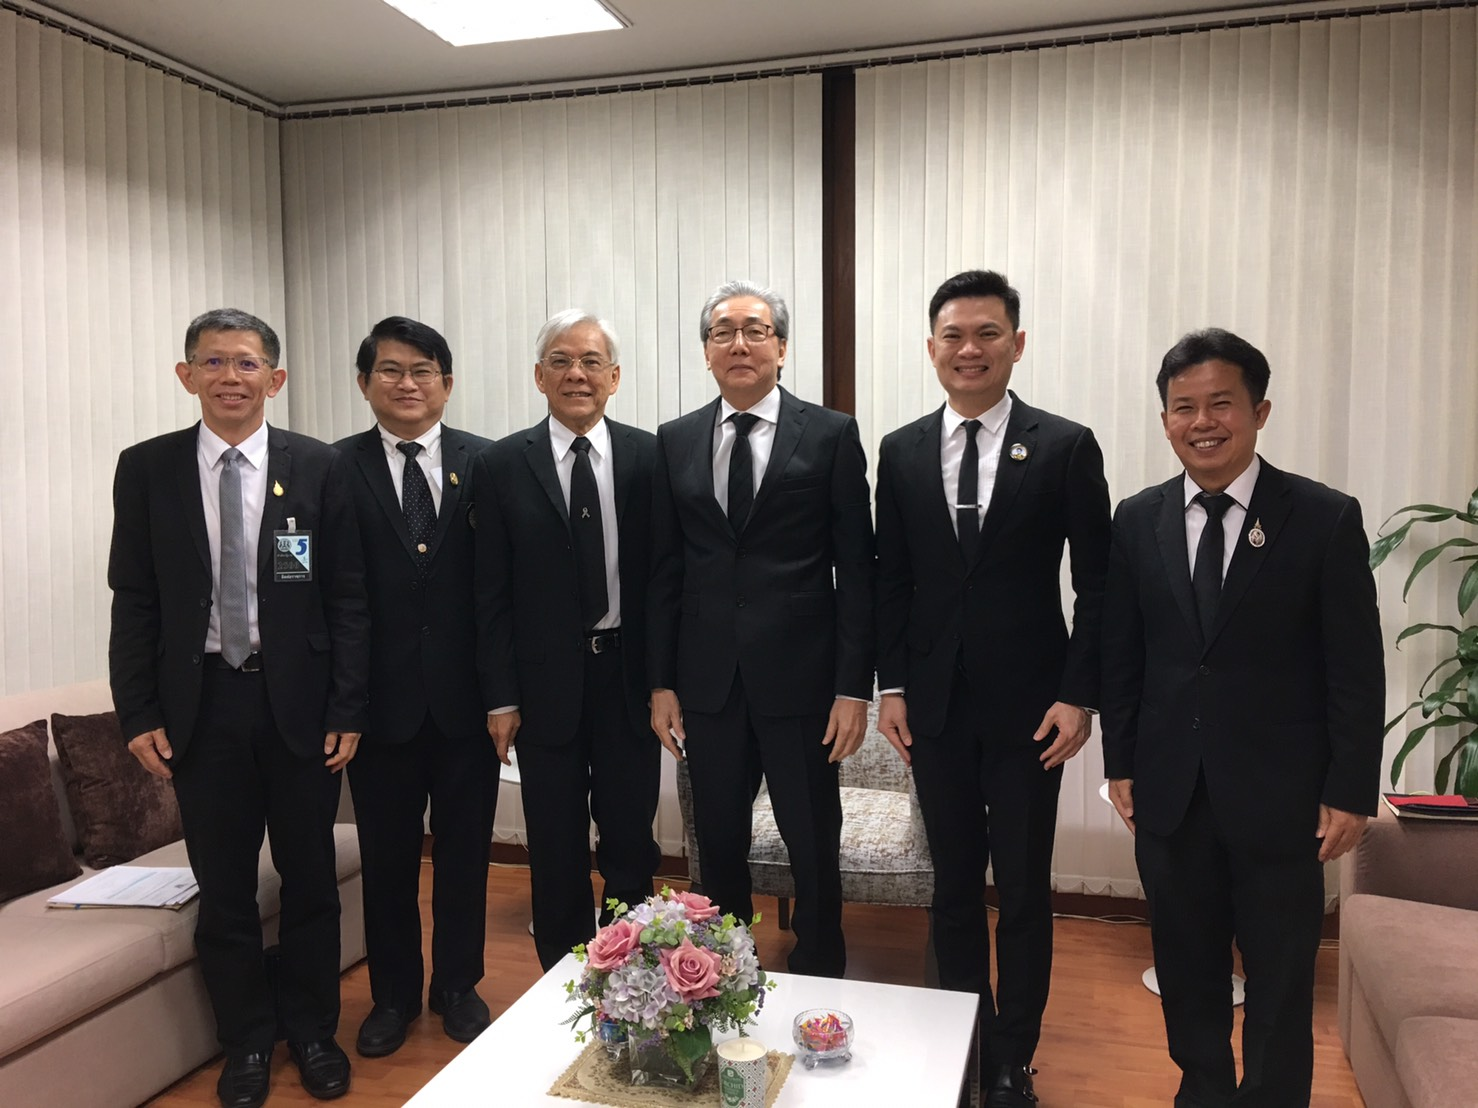 ประธานที่ประชุมอธิการบดีแห่งประเทศไทย และคณะ ร่วมประชุมหารือกับรองนายกรัฐมนตรี